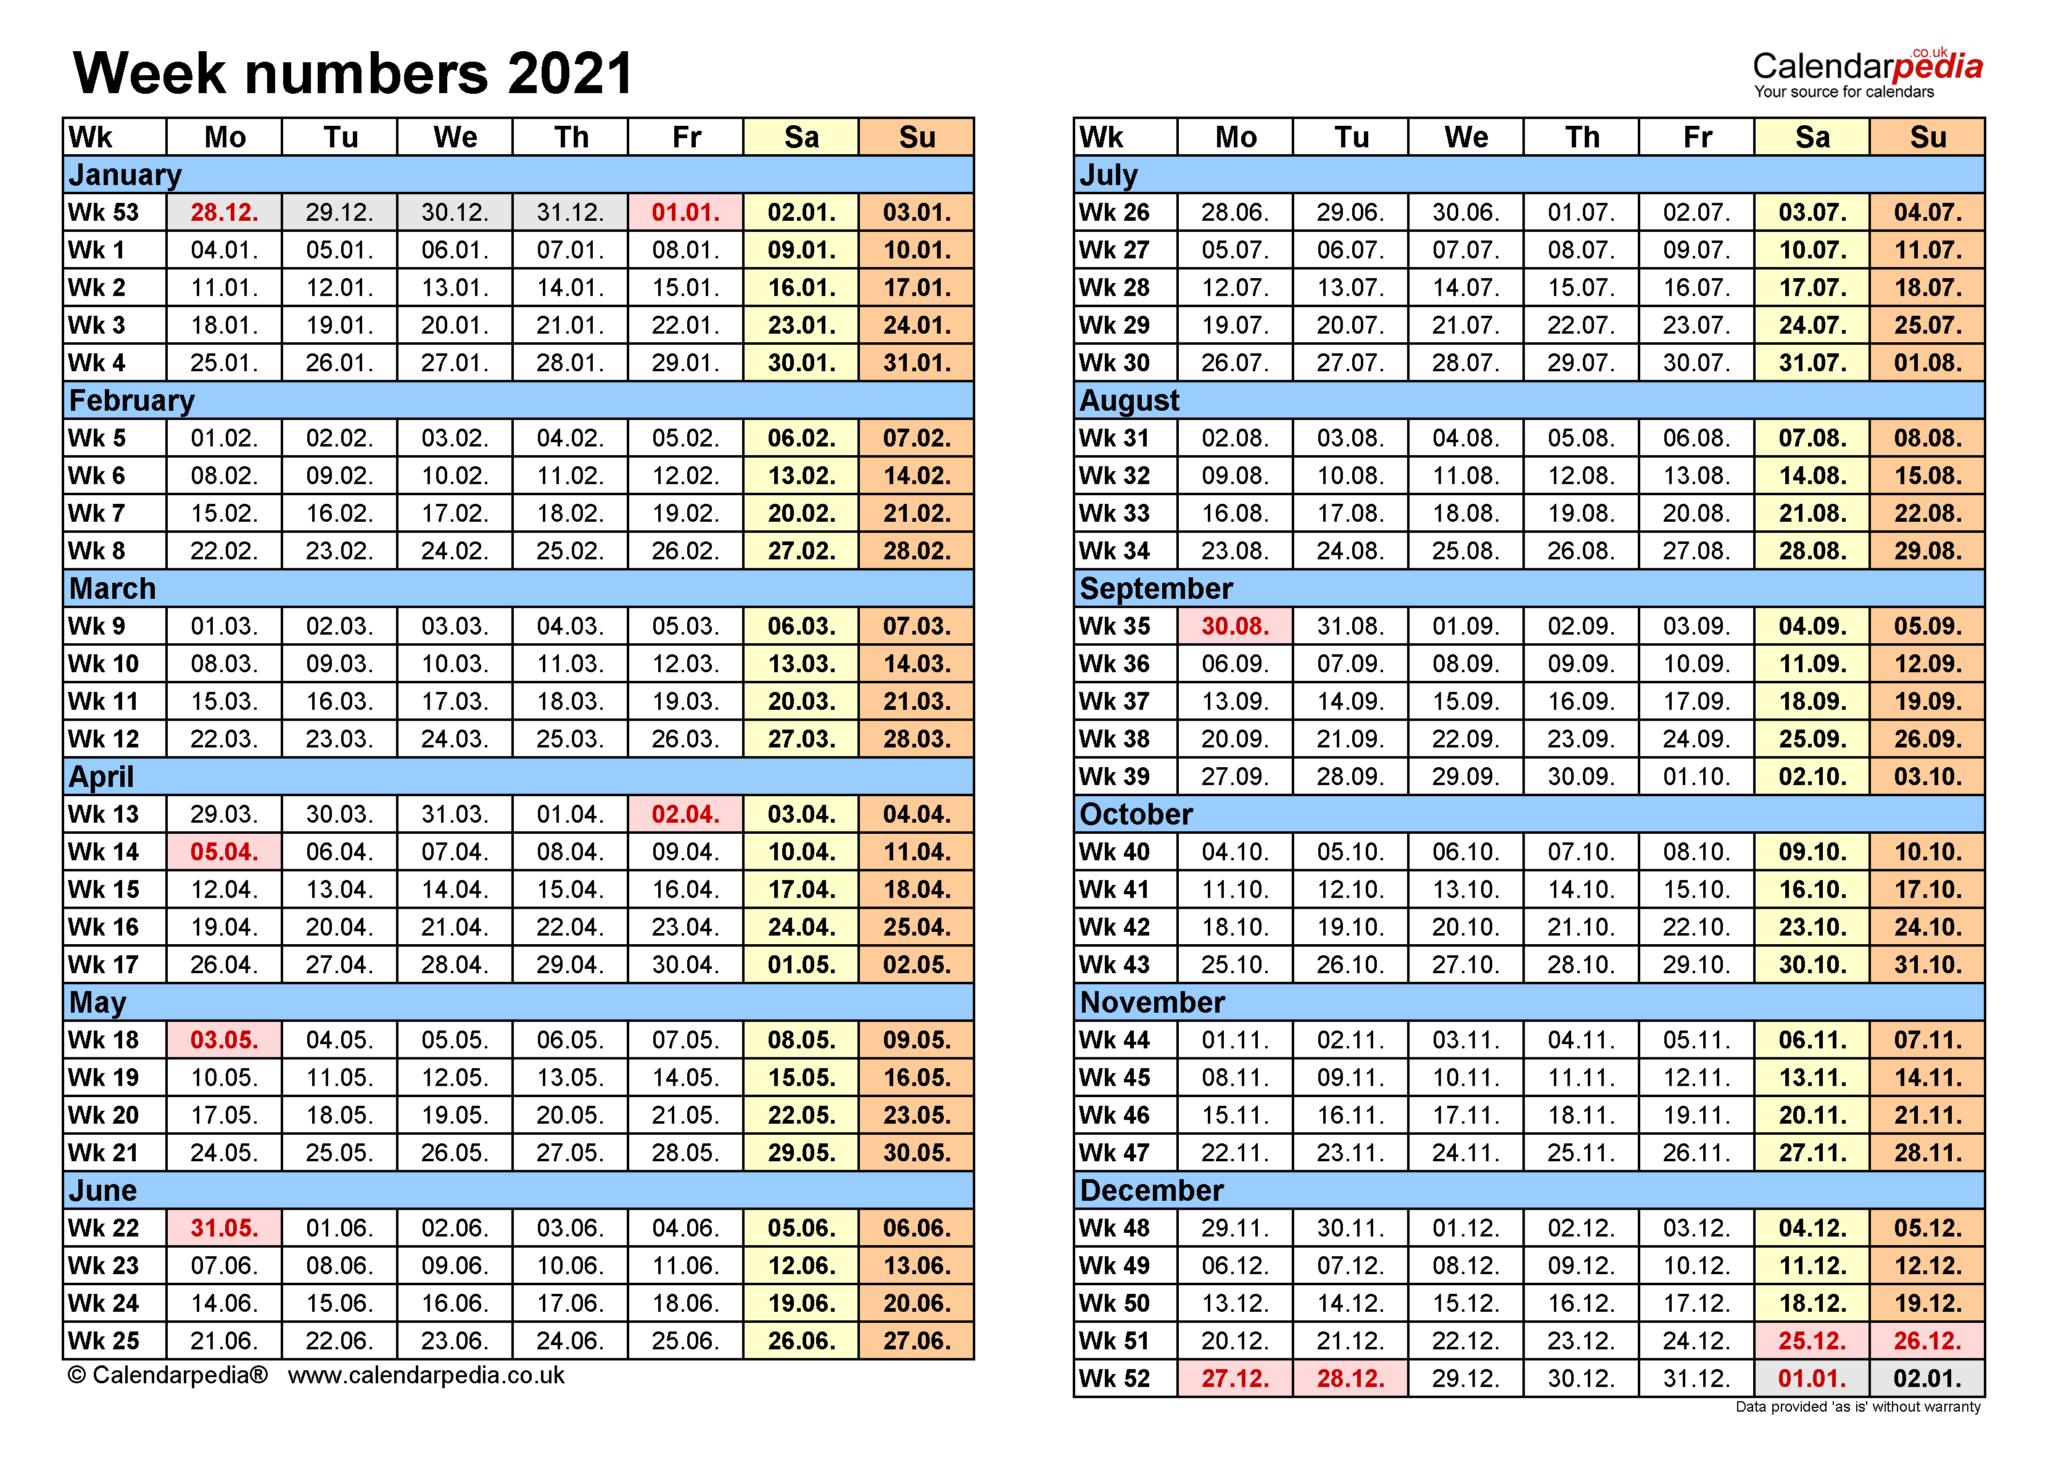 Calendar 2021 Excel With Week Numbers